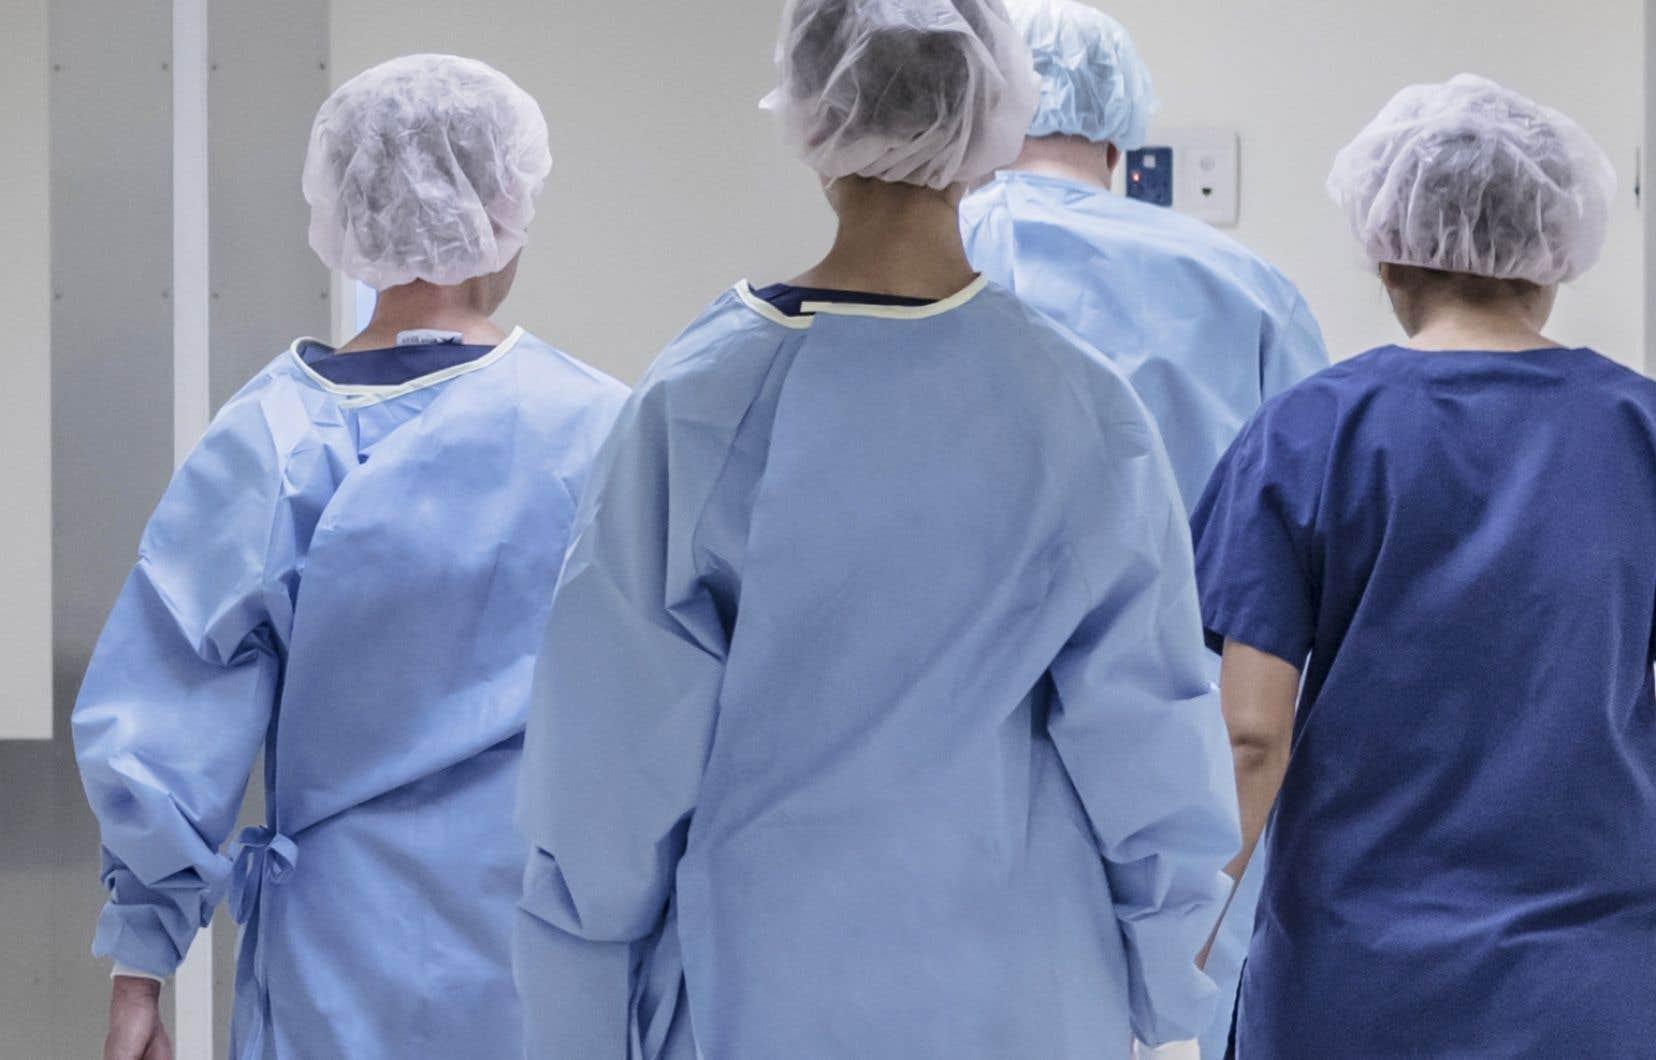 Les infirmières praticiennes spécialisées (IPS) ont une maîtrise en sciences infirmières et en sciences médicales leur permettant de faire certaines interventions (suivi de grossesse, traitement de maladies chroniques, soins palliatifs).